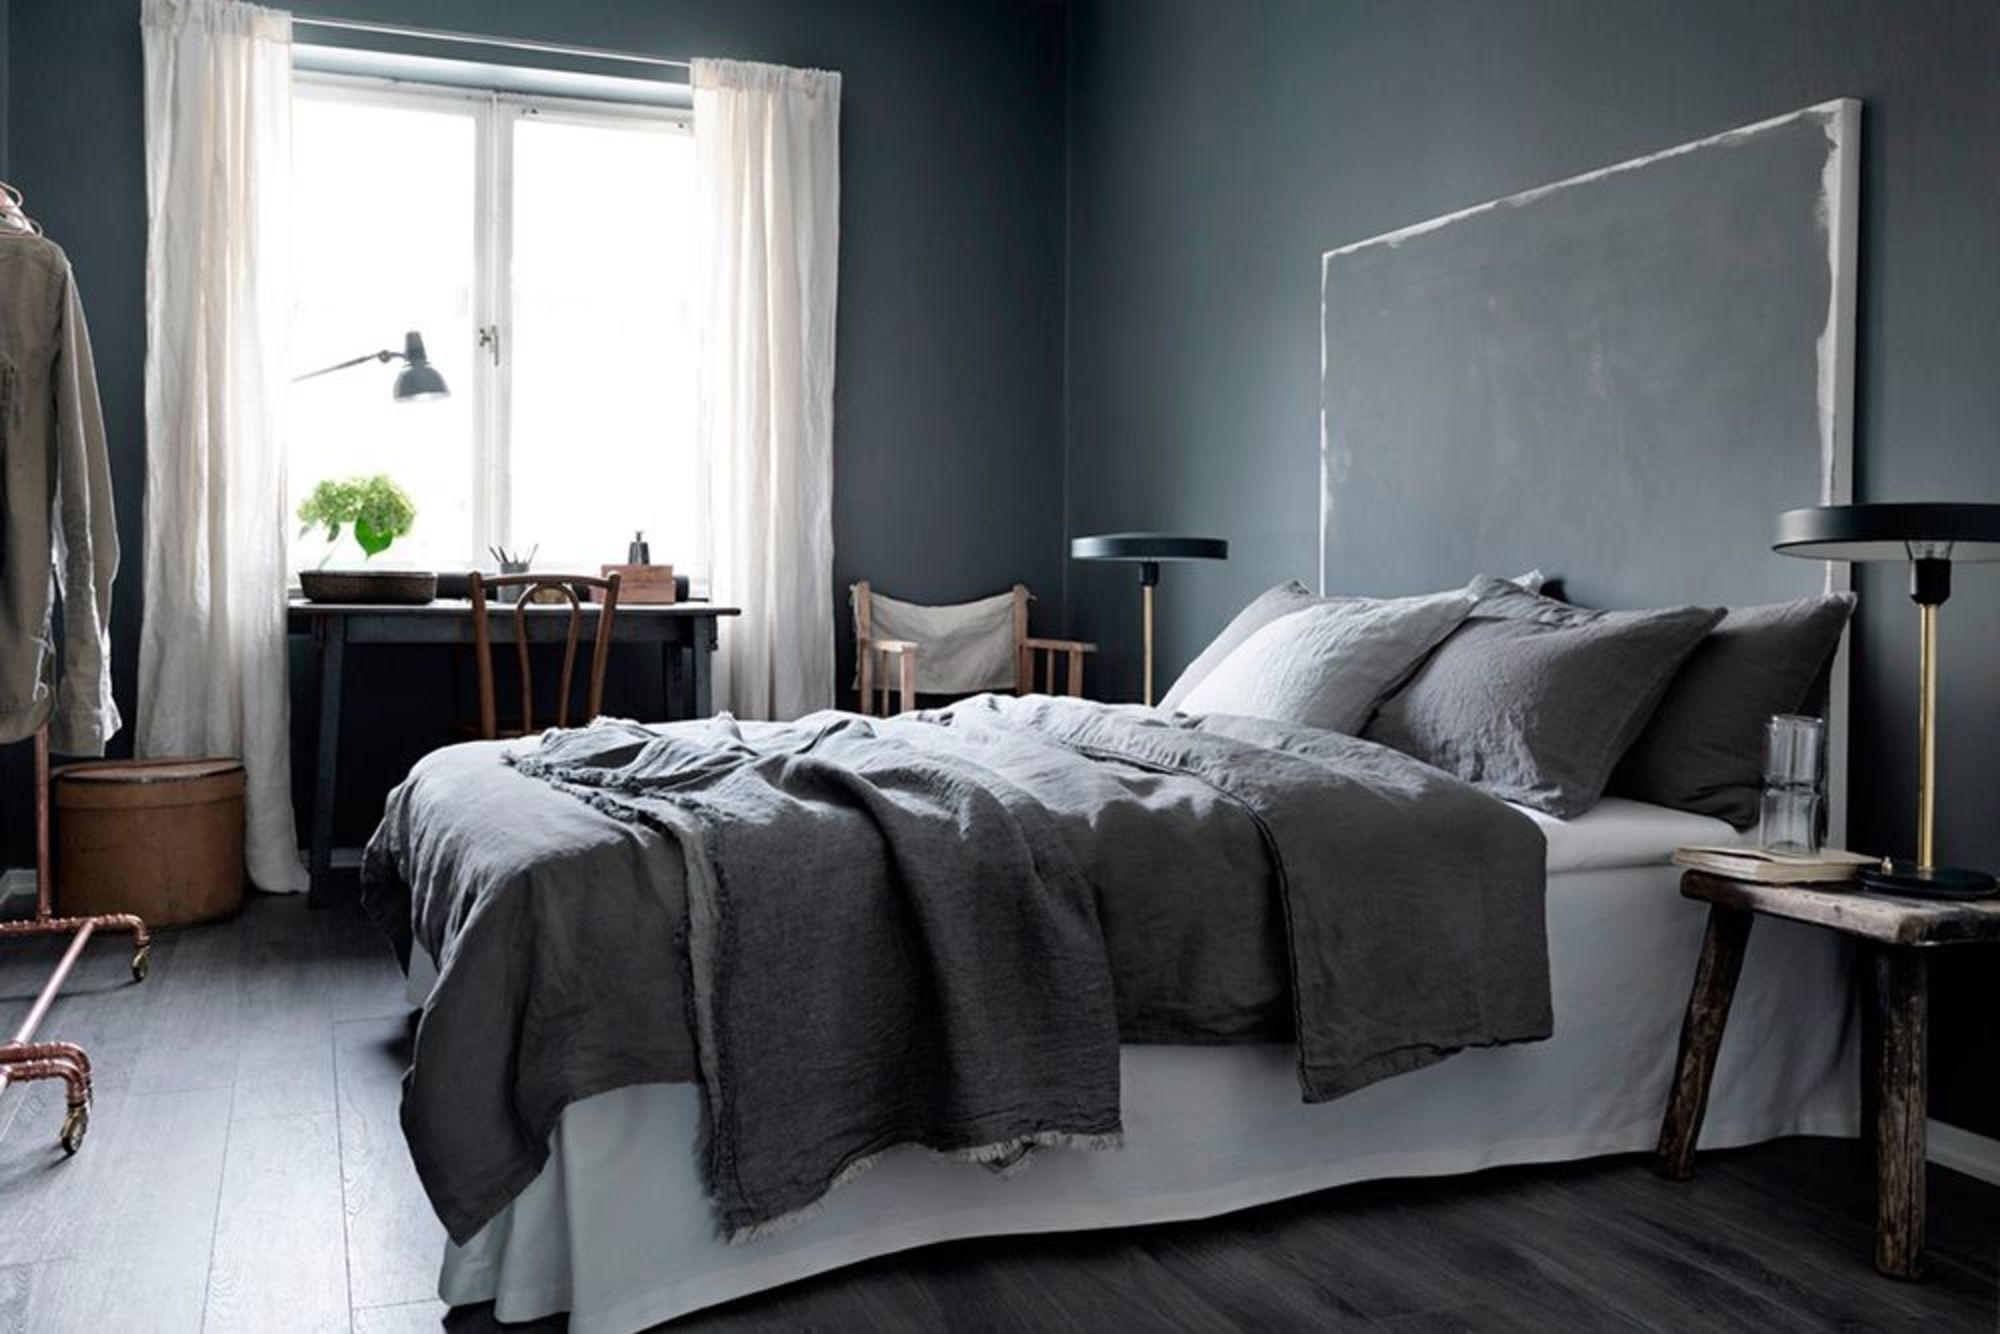 une-tete-de-lit-facon-peinture-abstraite_5194171.jpg